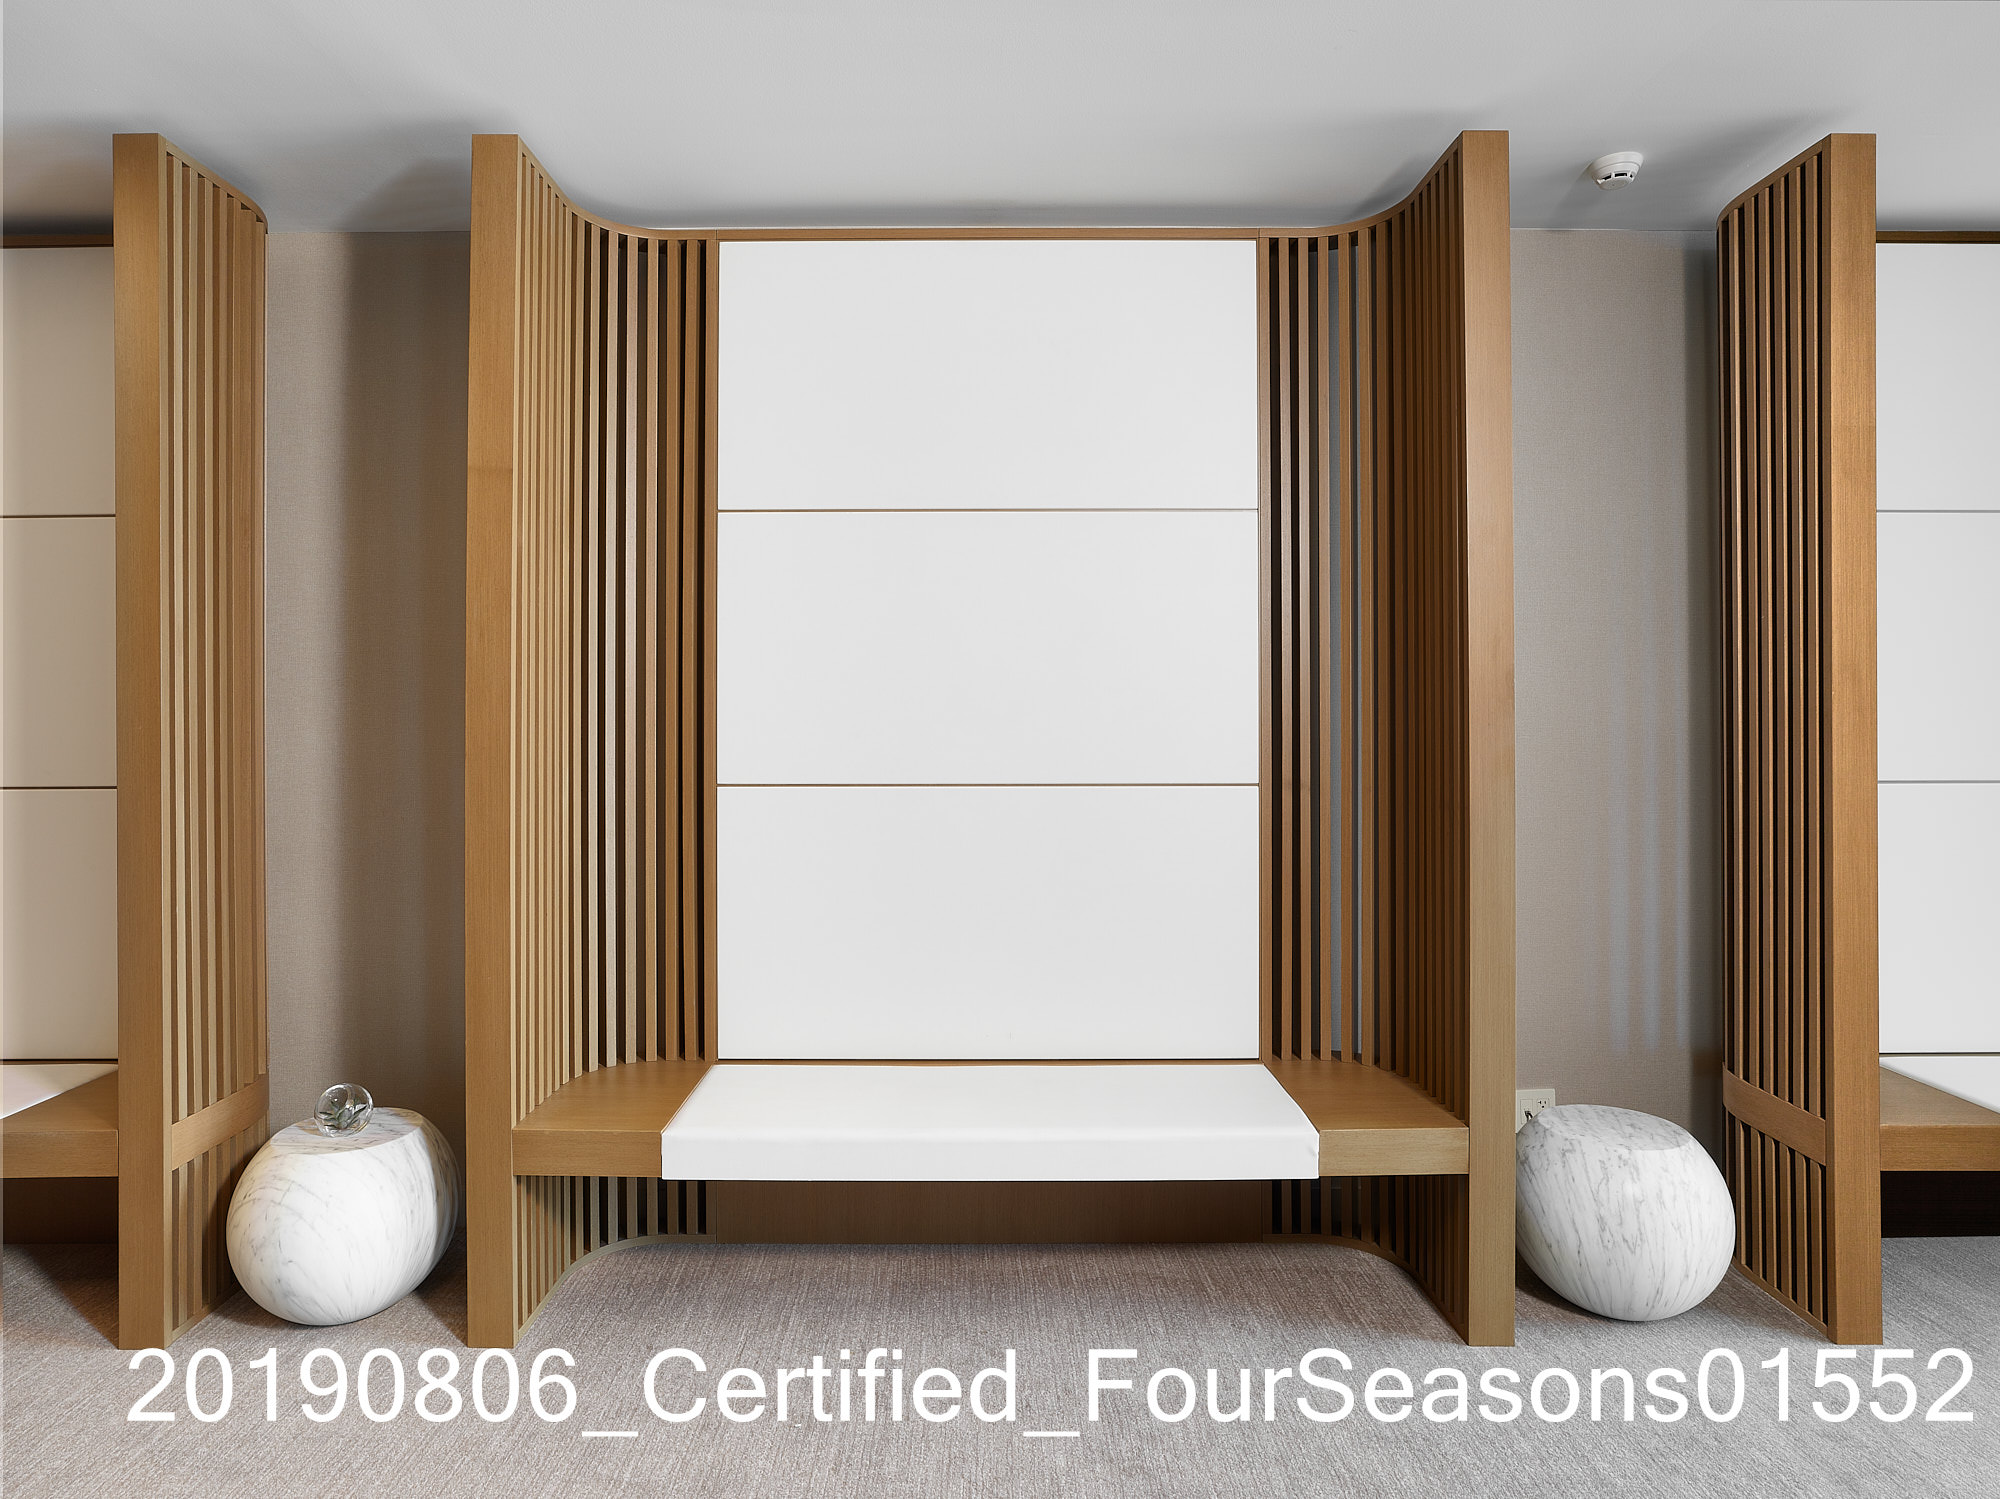 20190806_Certified_FourSeasons01552.jpg